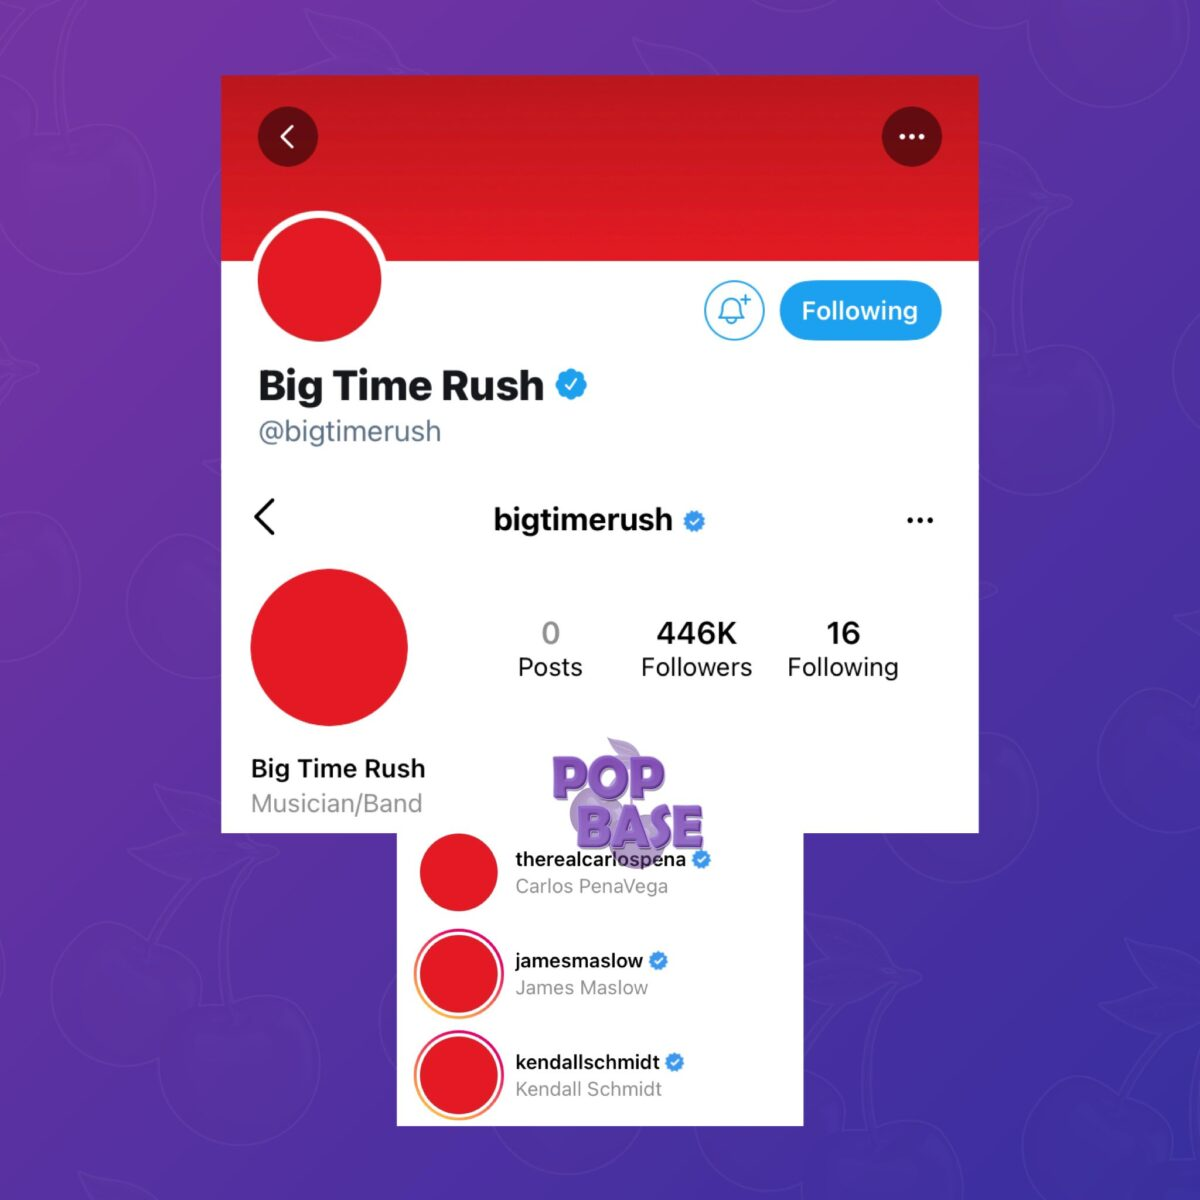 reunión Big Time Rush 2021